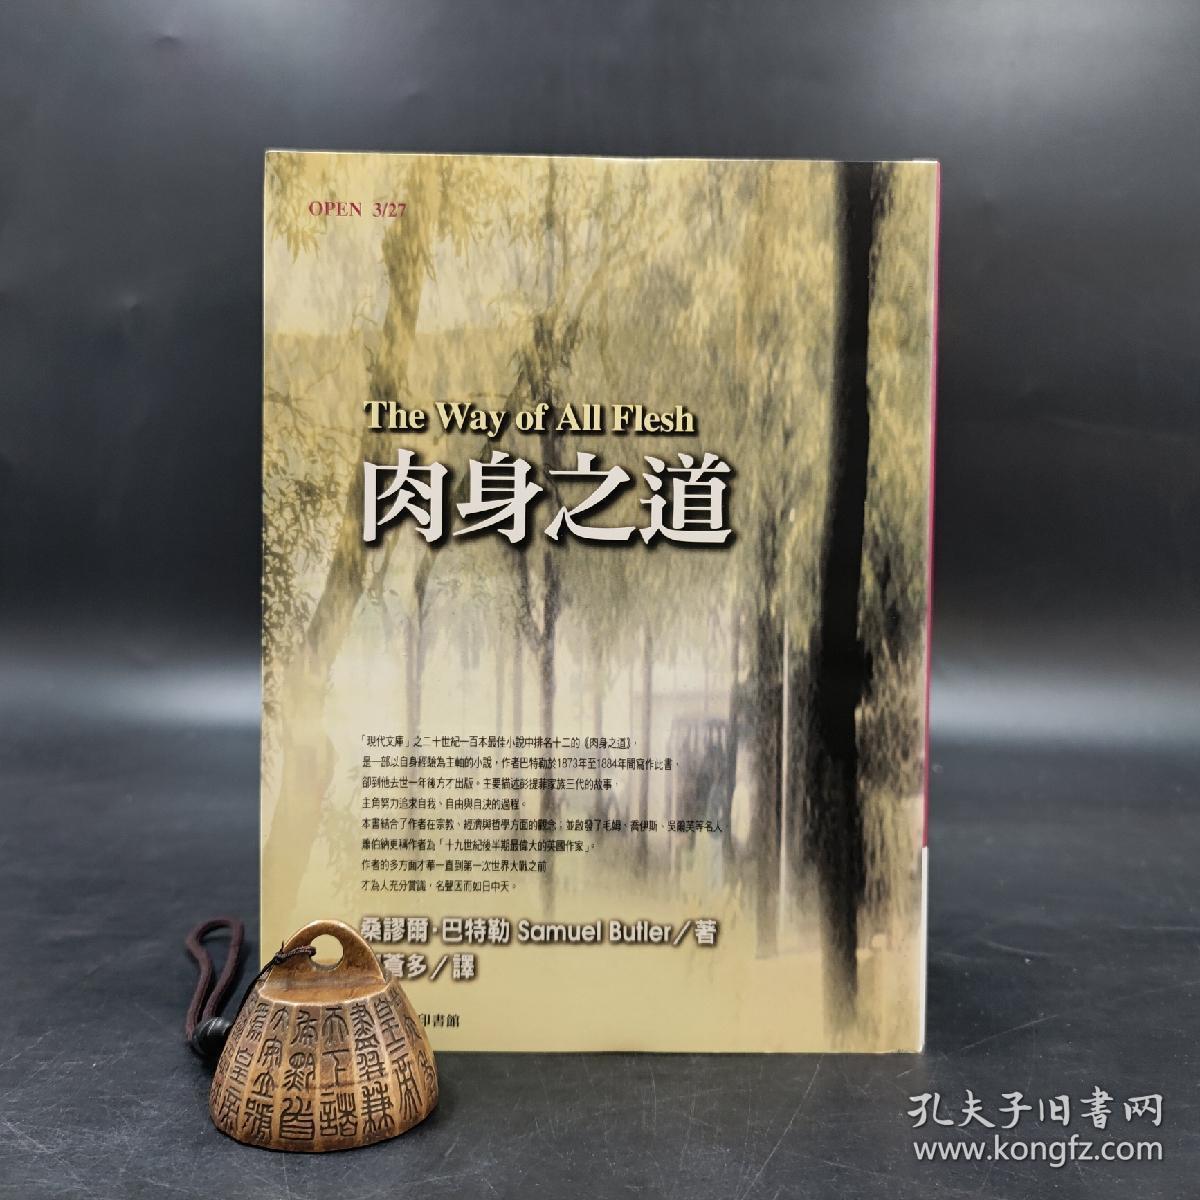 台湾商务版 桑谬尔·巴斯勒 著 陈苍多 译《肉身之道》